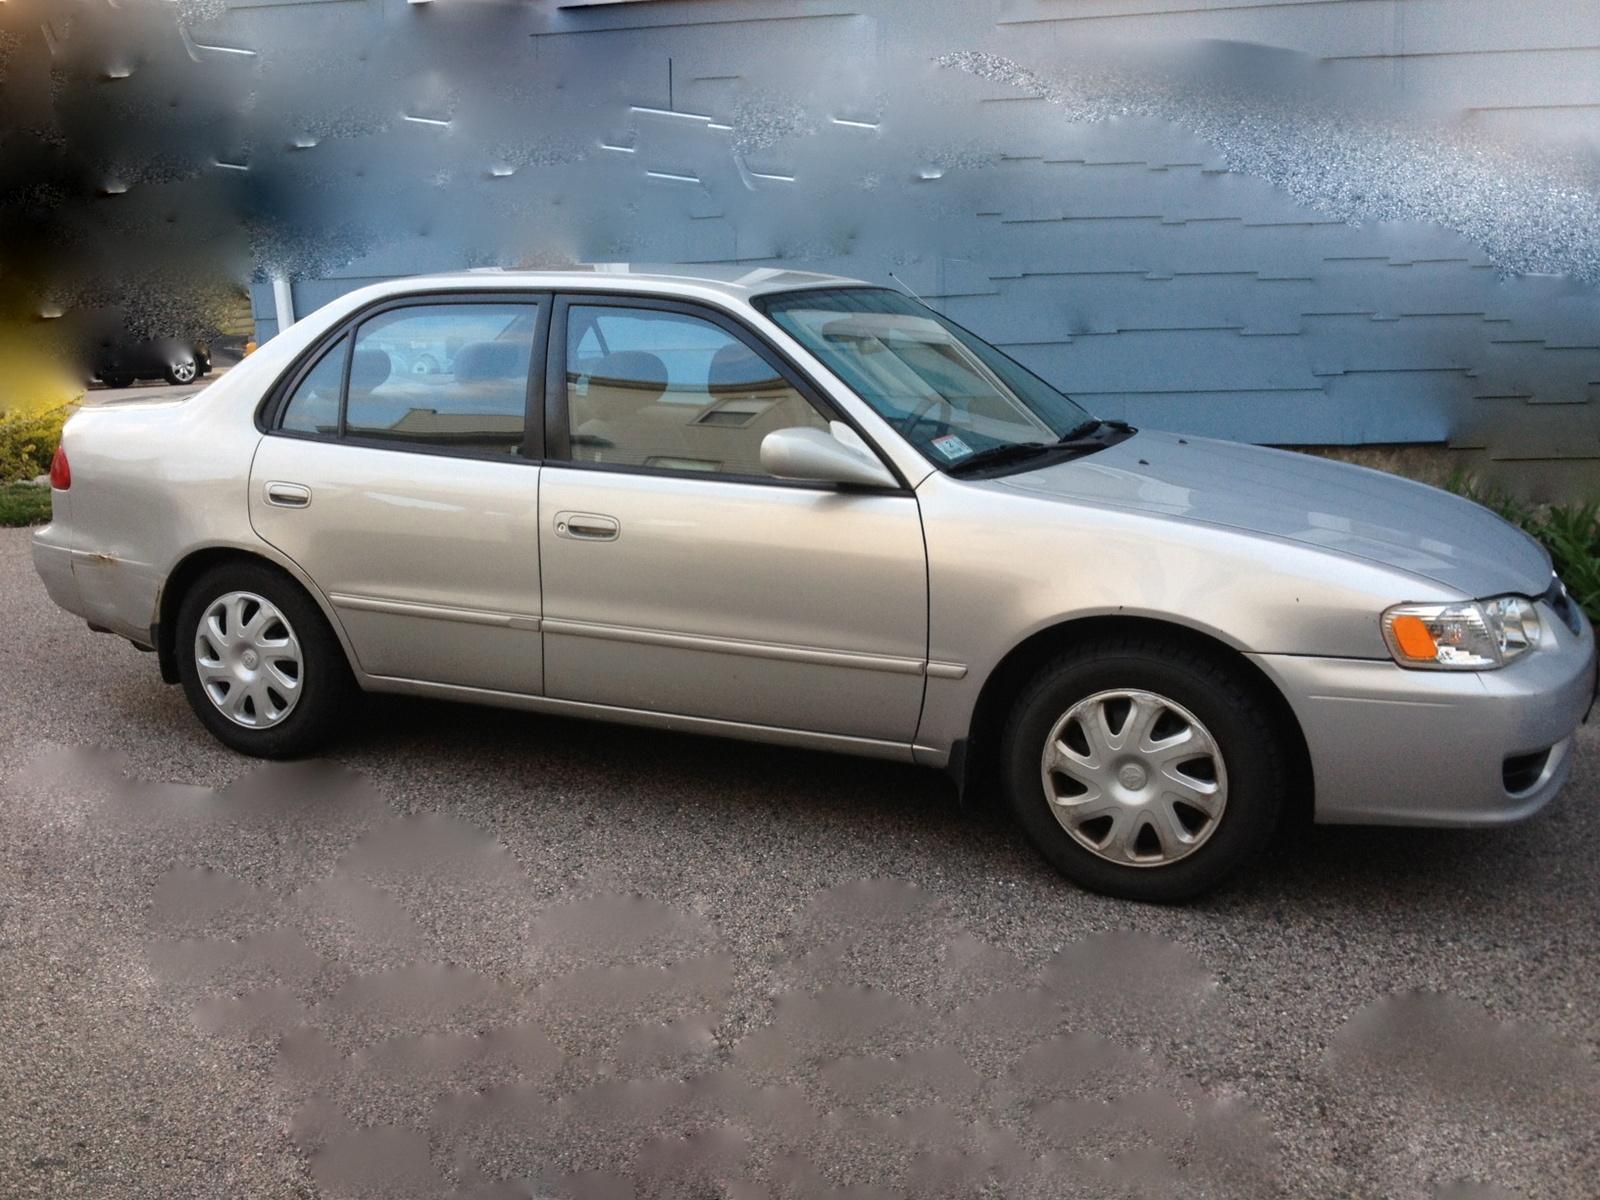 2002 Toyota Corolla Pictures Cargurus